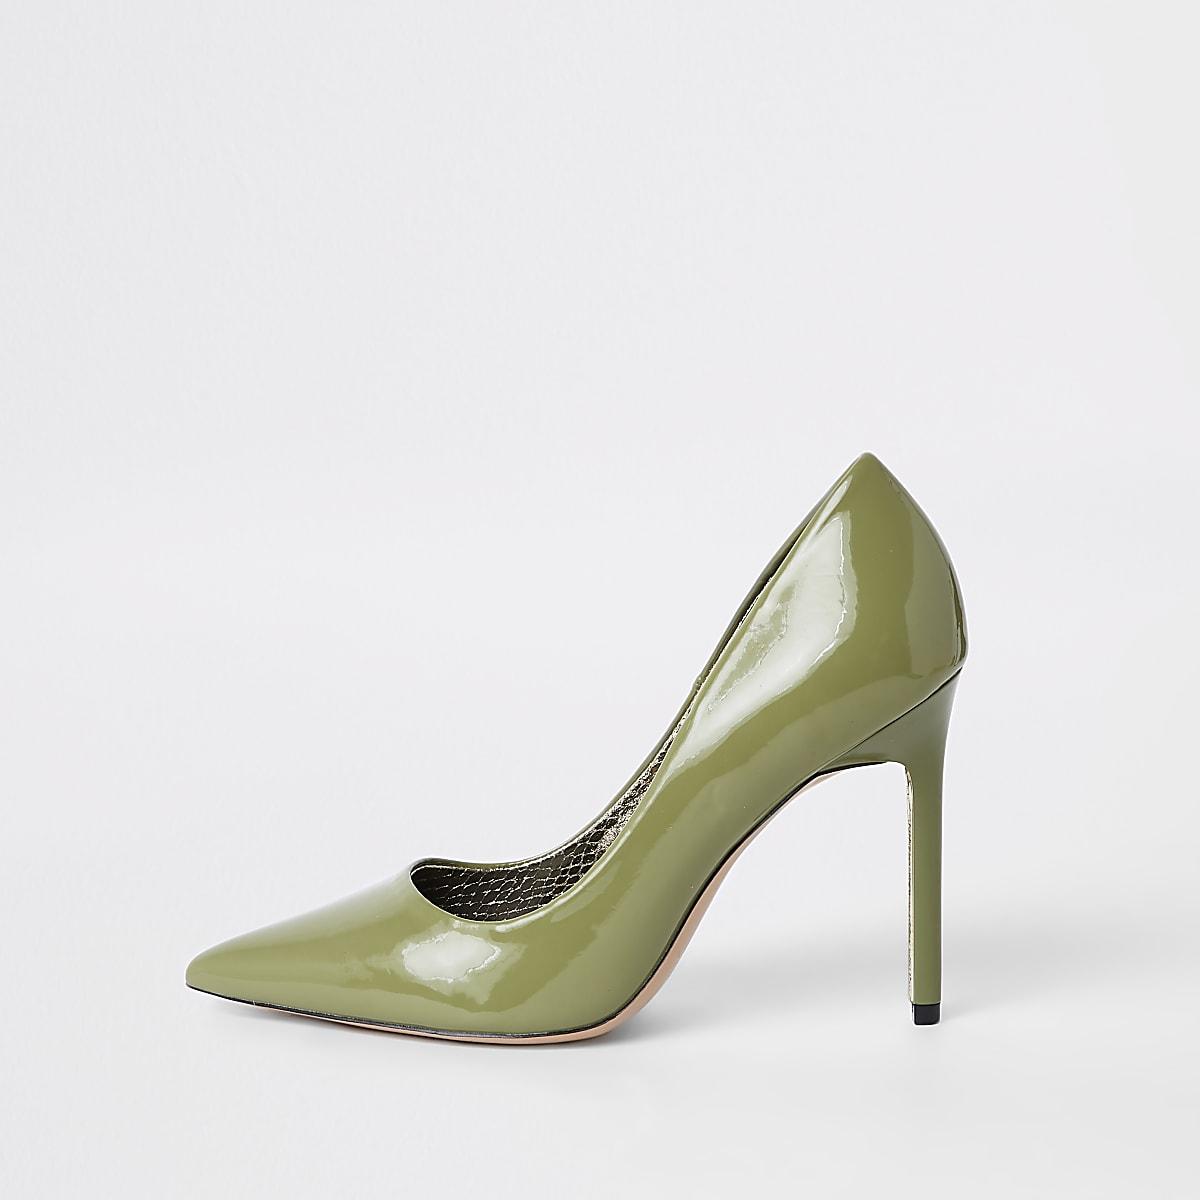 Green pointed skinny heel pumps